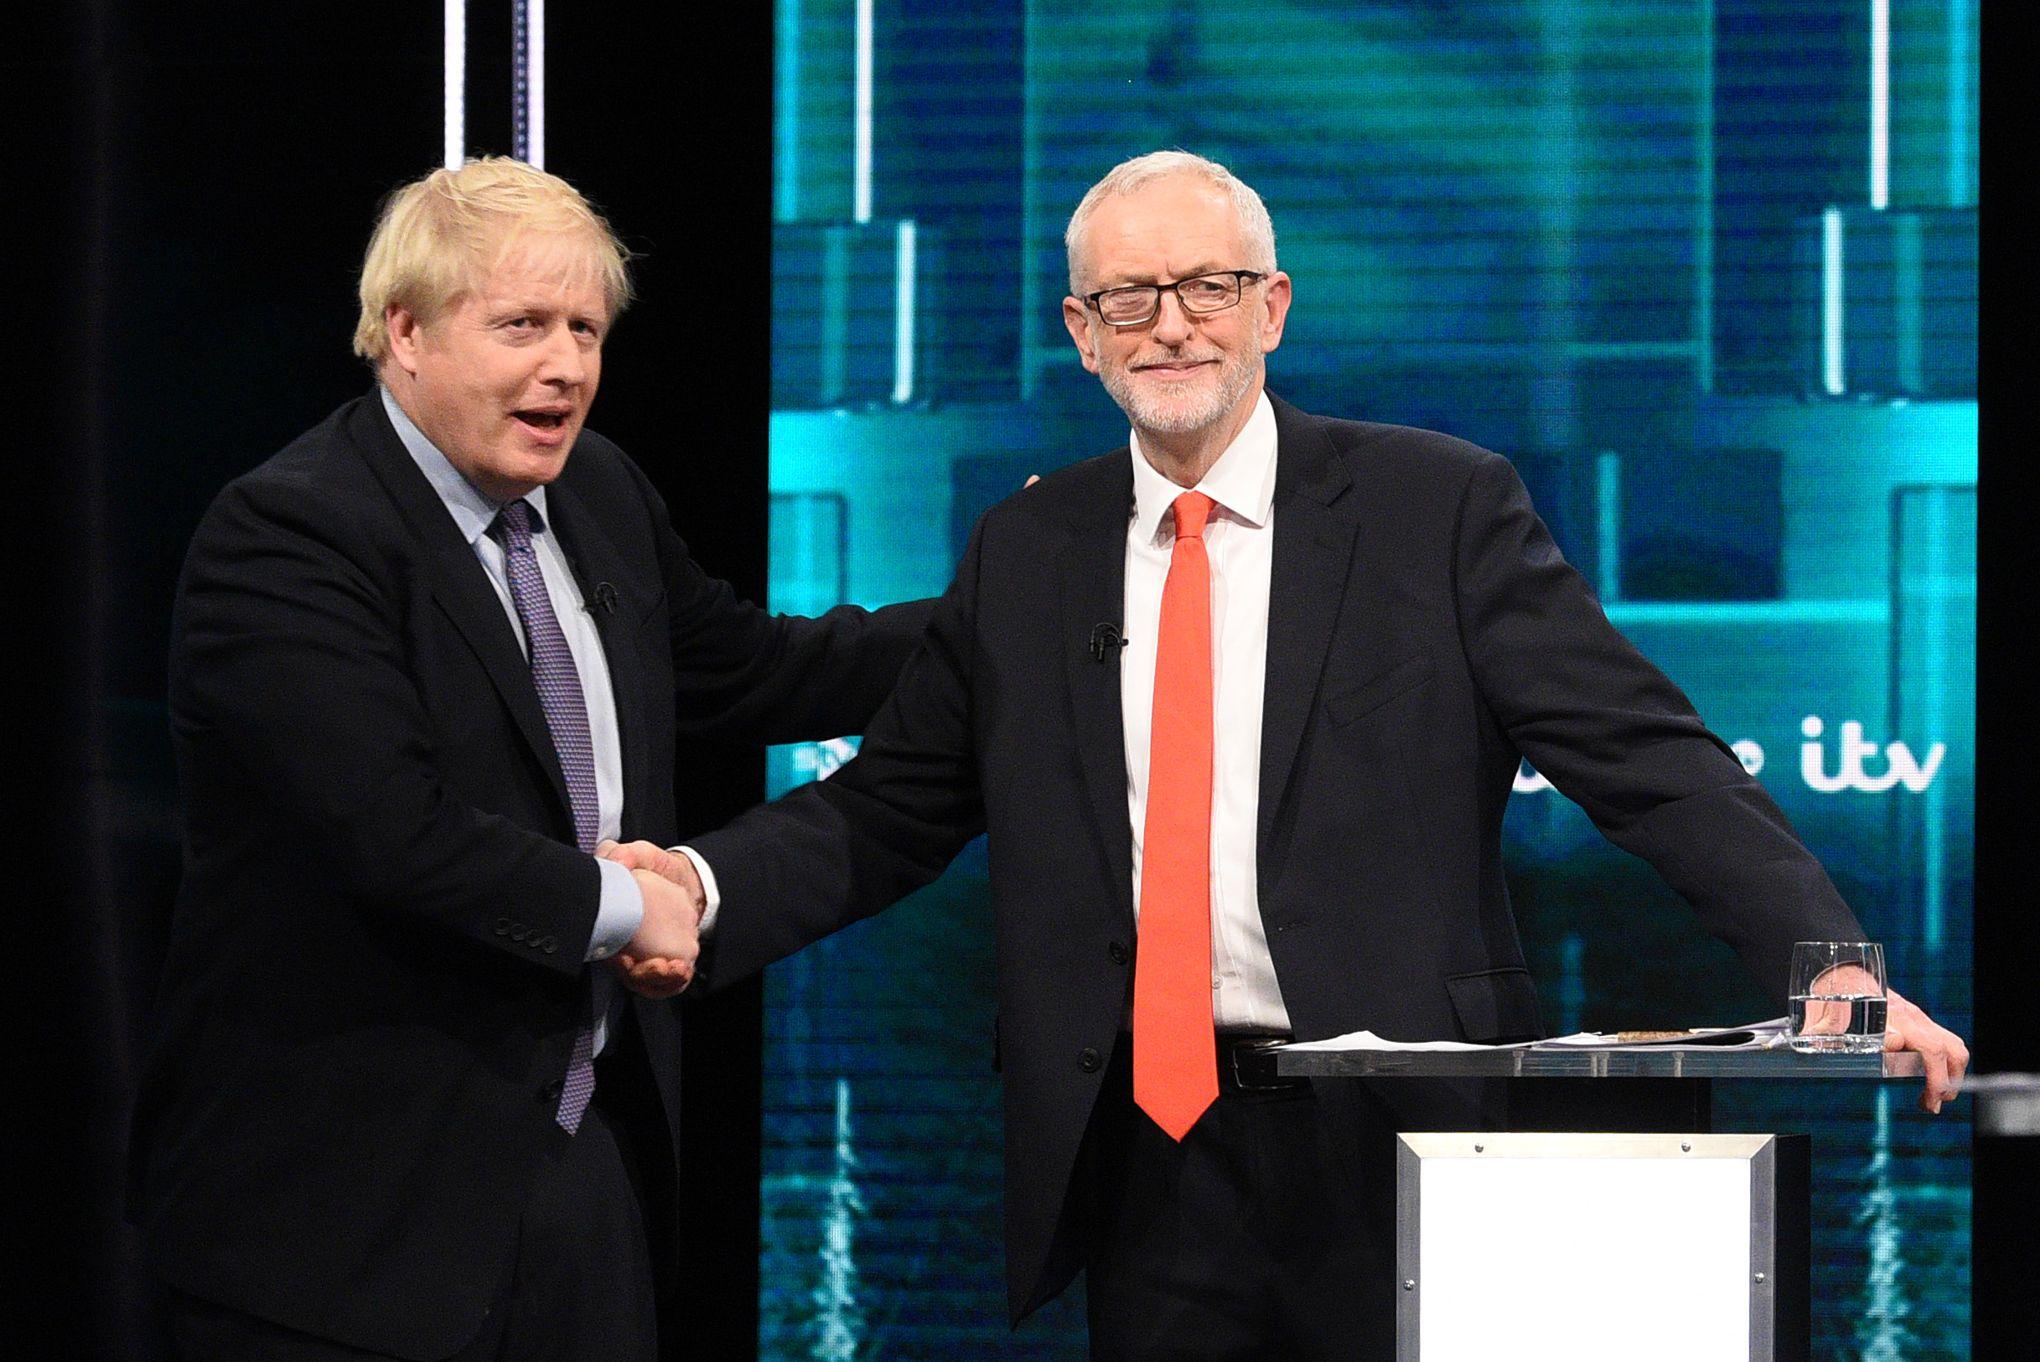 Royaume-Uni: un premier duel entre Johnson et Corbyn sans réel vainqueur